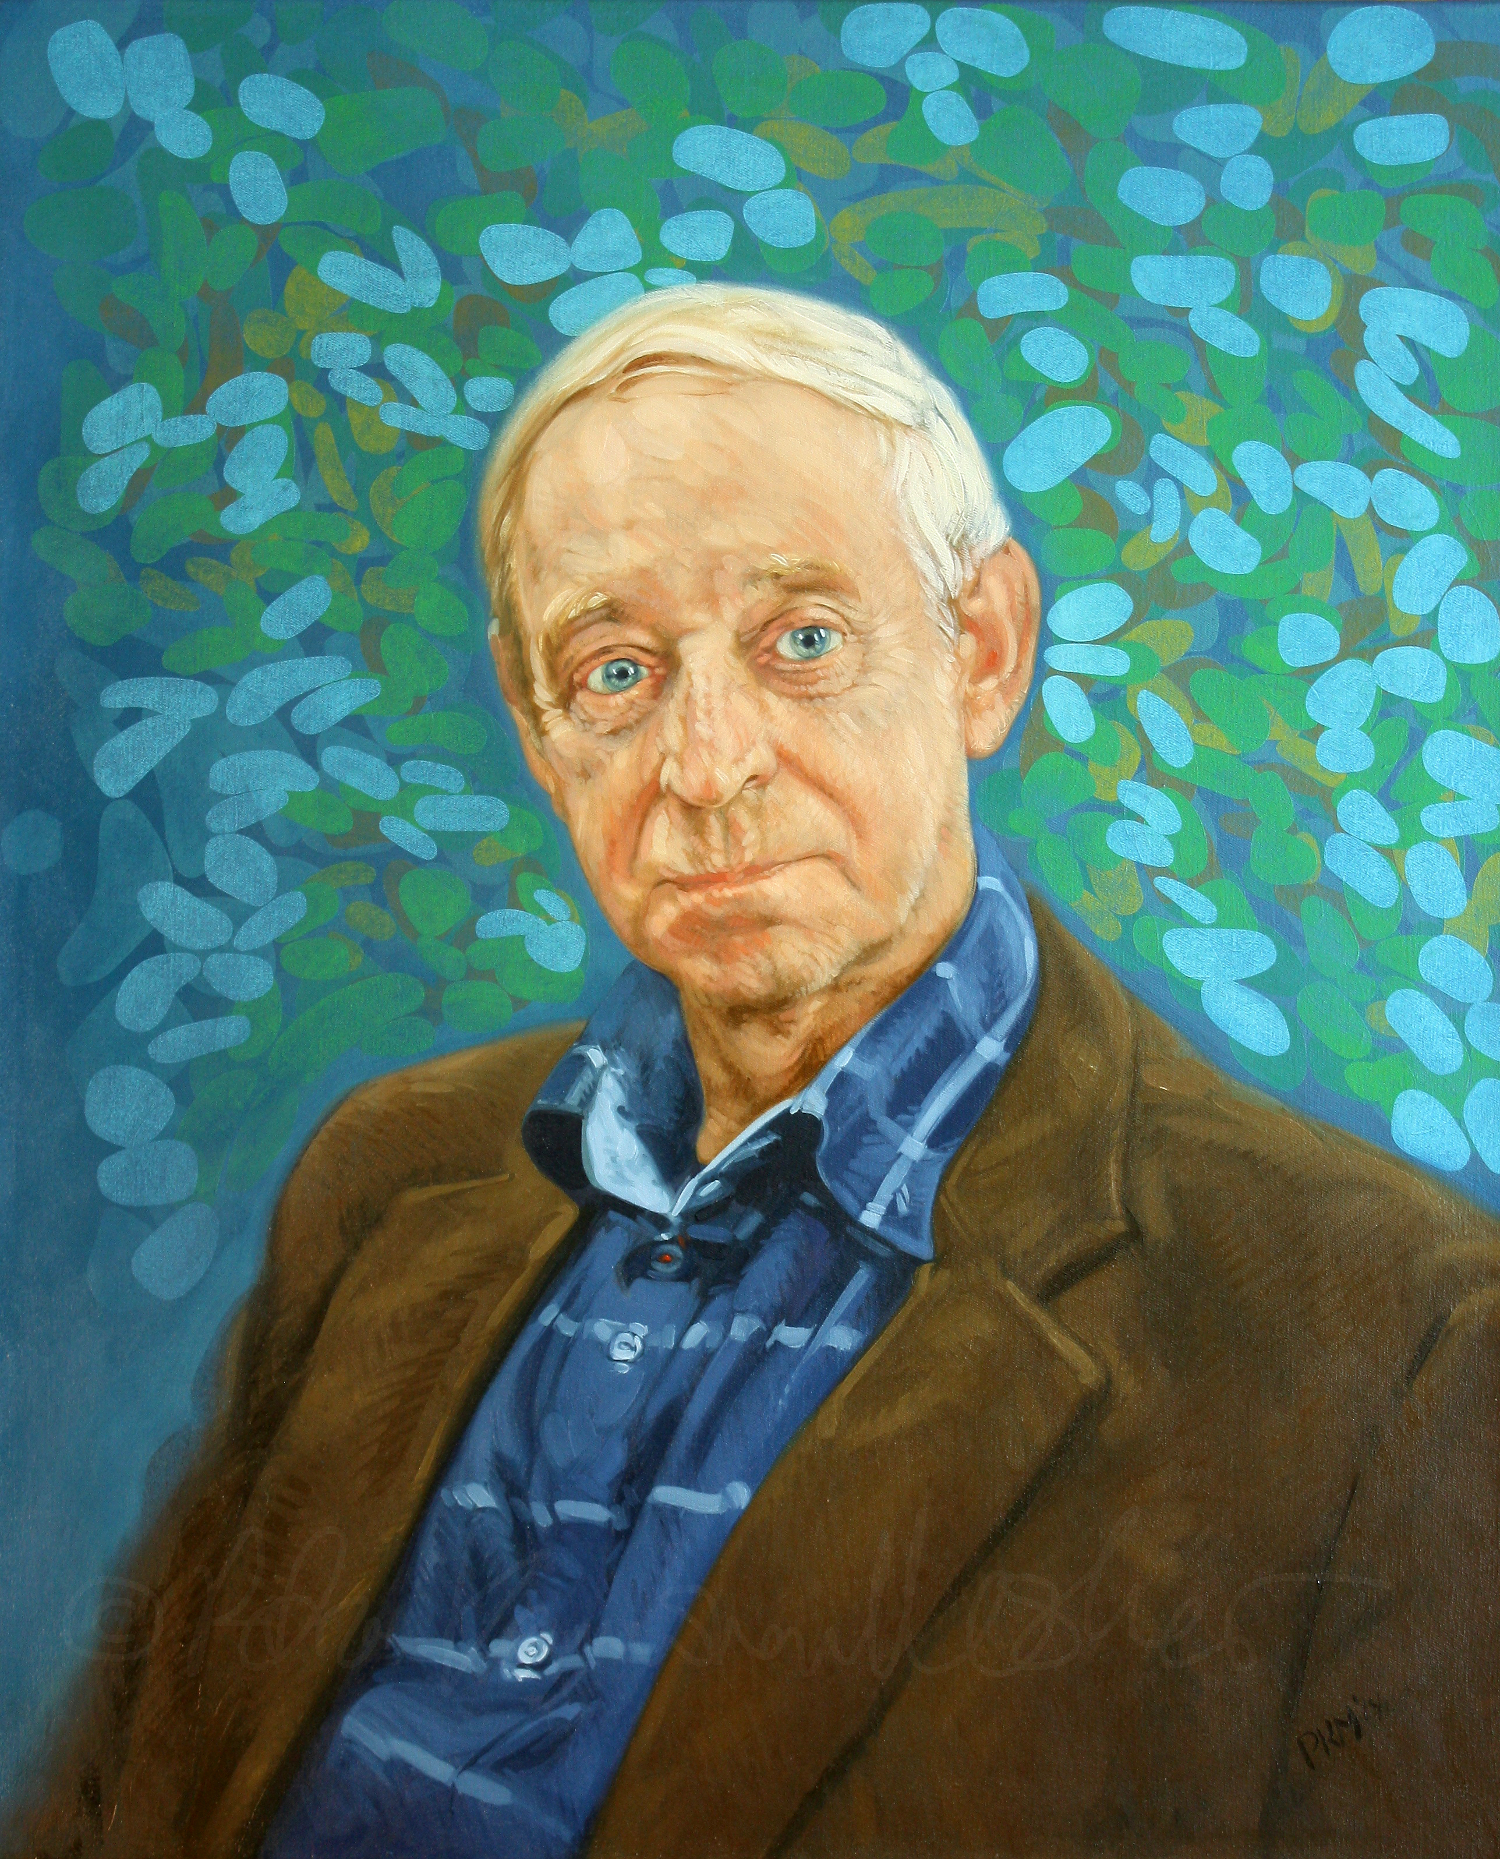 Pentti Simojoki, oil on canvas, 61 x 50cm, 2014